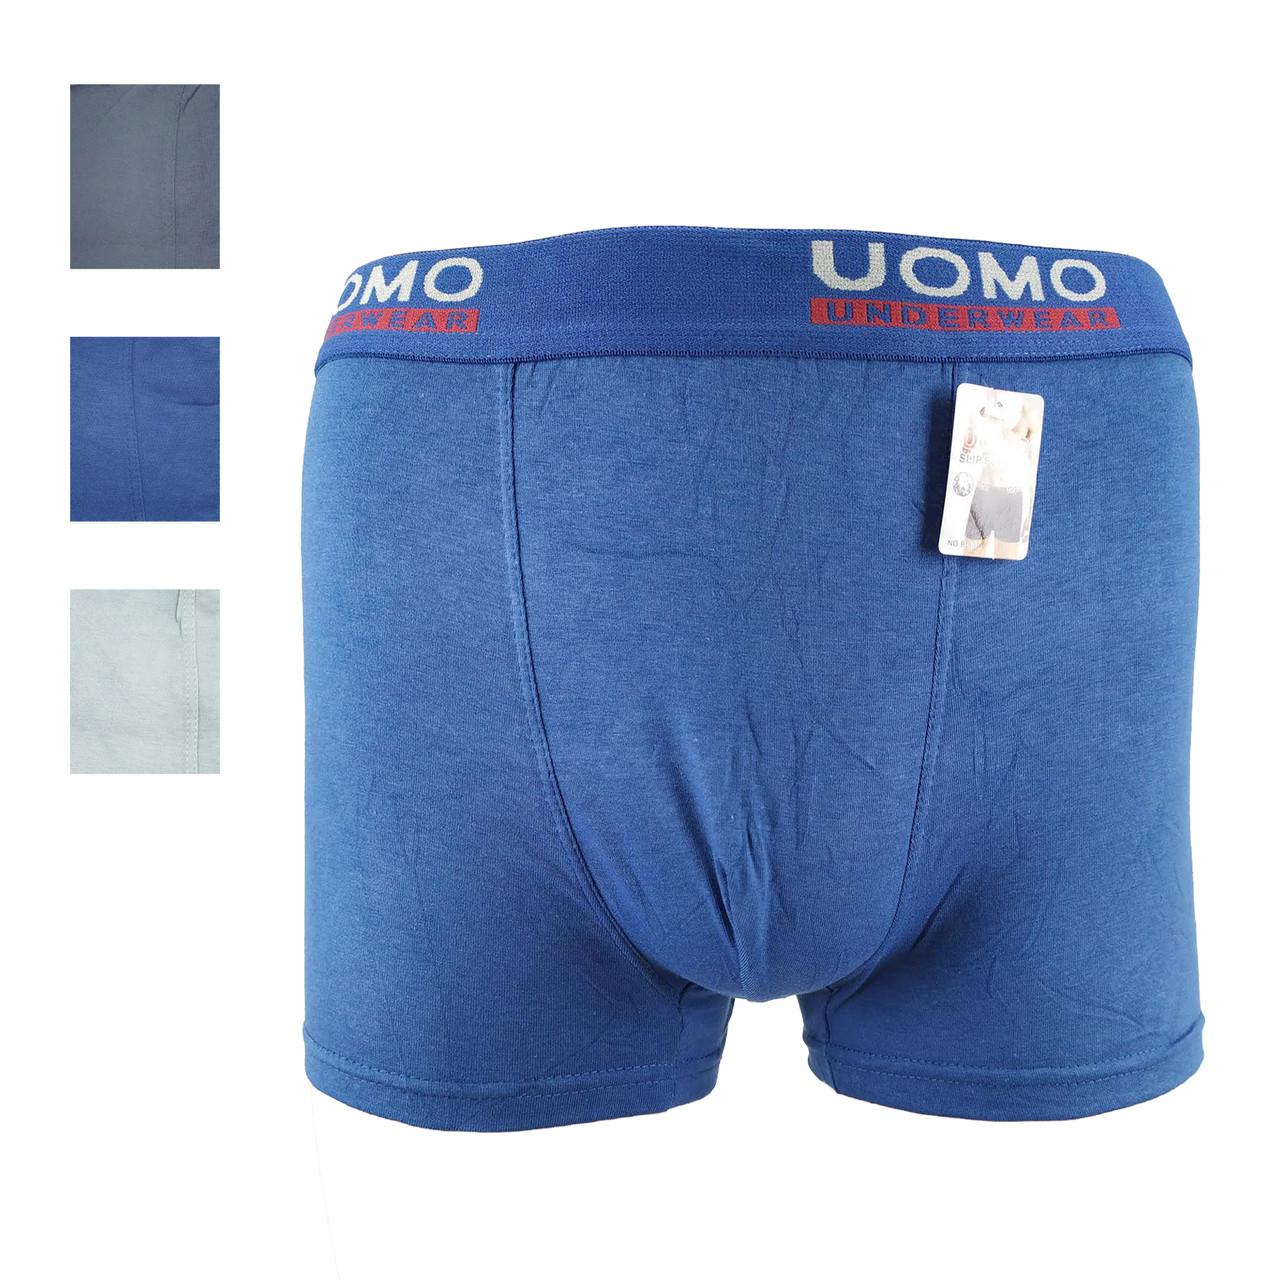 Трусы мужские боксёры UOMO B-001 хлопок (ростовка XL-2XL-3XL-4XL) 20035464